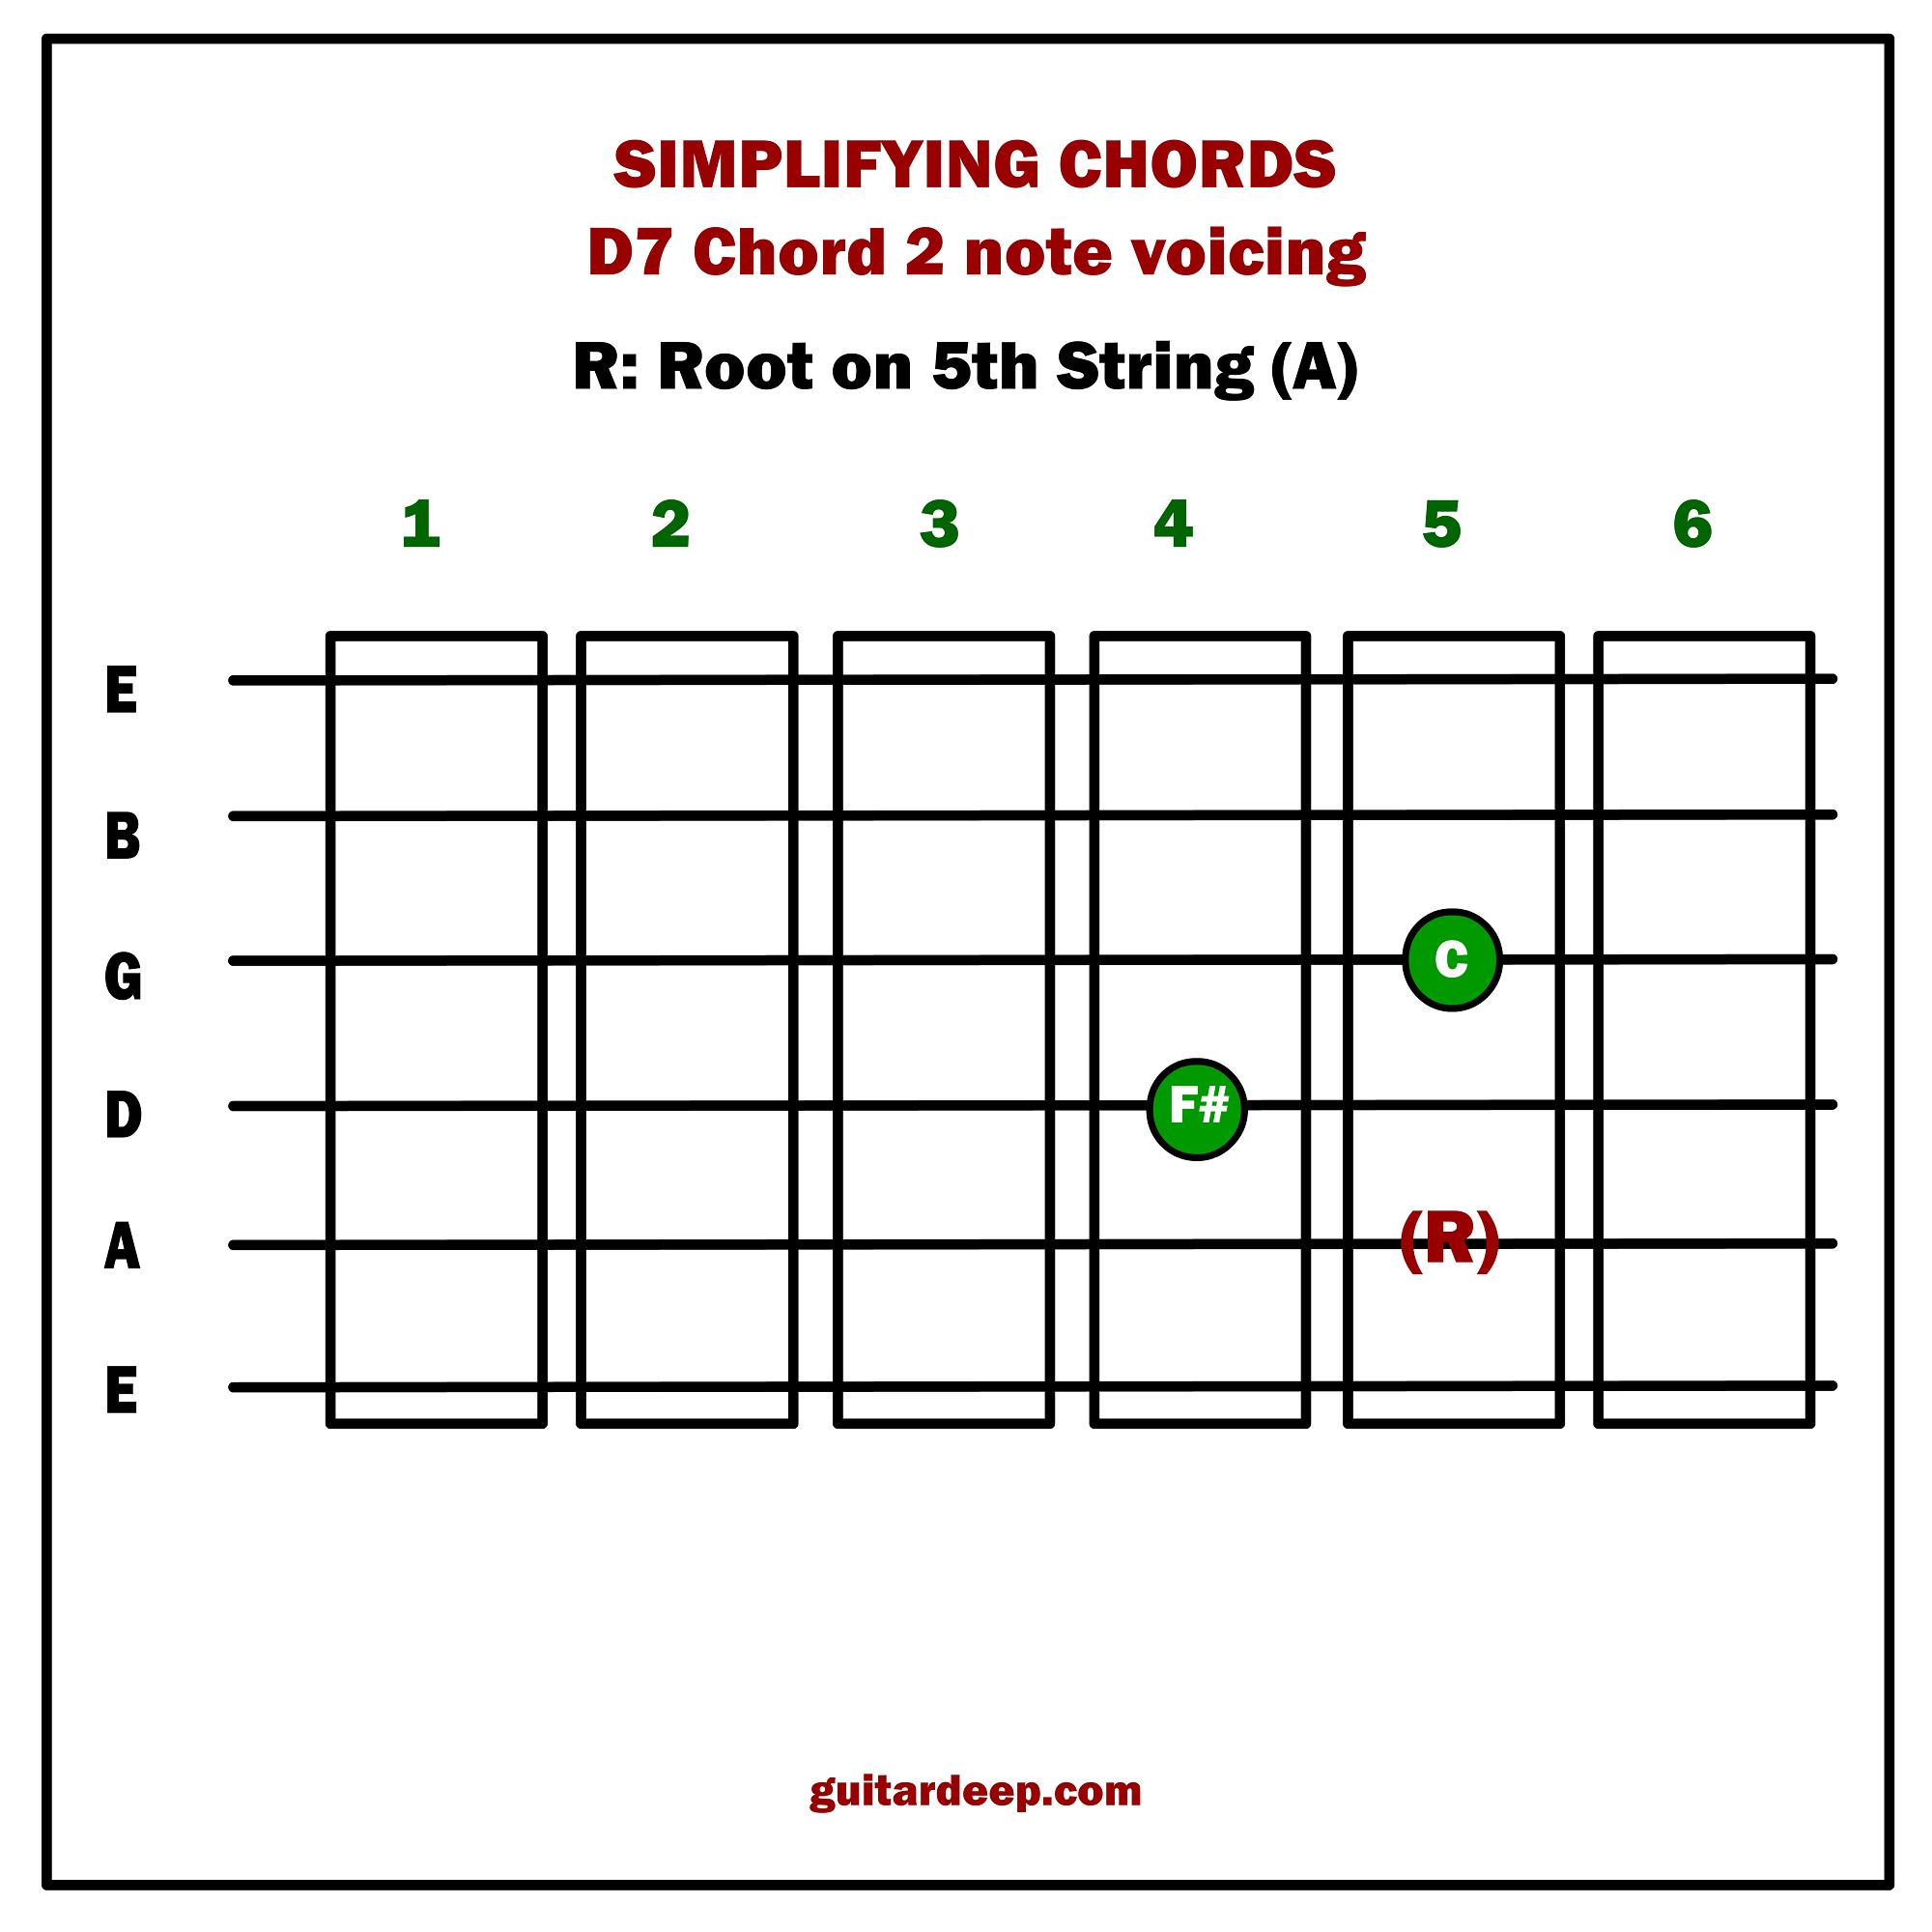 F# Guitar Chord Lesson 07 Simplifying Guitar Chords Part 02 Guitar Deep